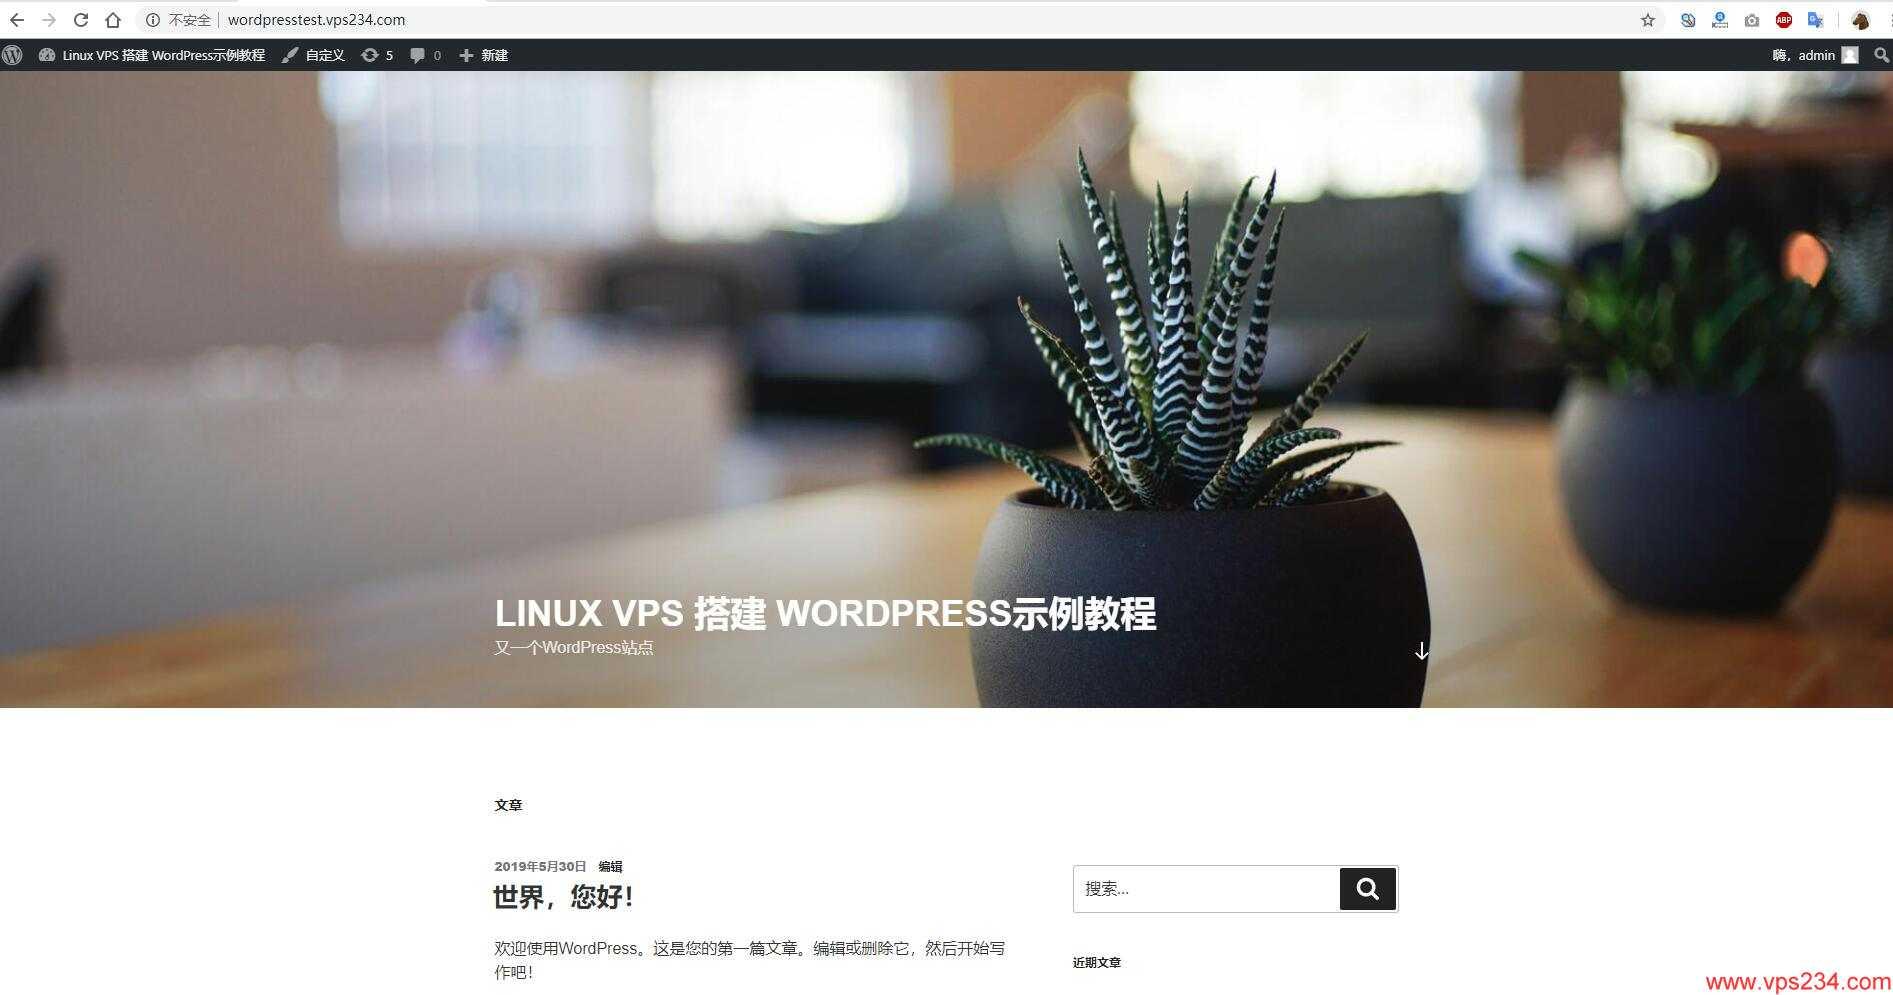 使用美国VPS Hostwinds 的 Linux VPS搭建WordPress网站 - Linux VPS 安装WordPress步骤6 - WordPress前台网站